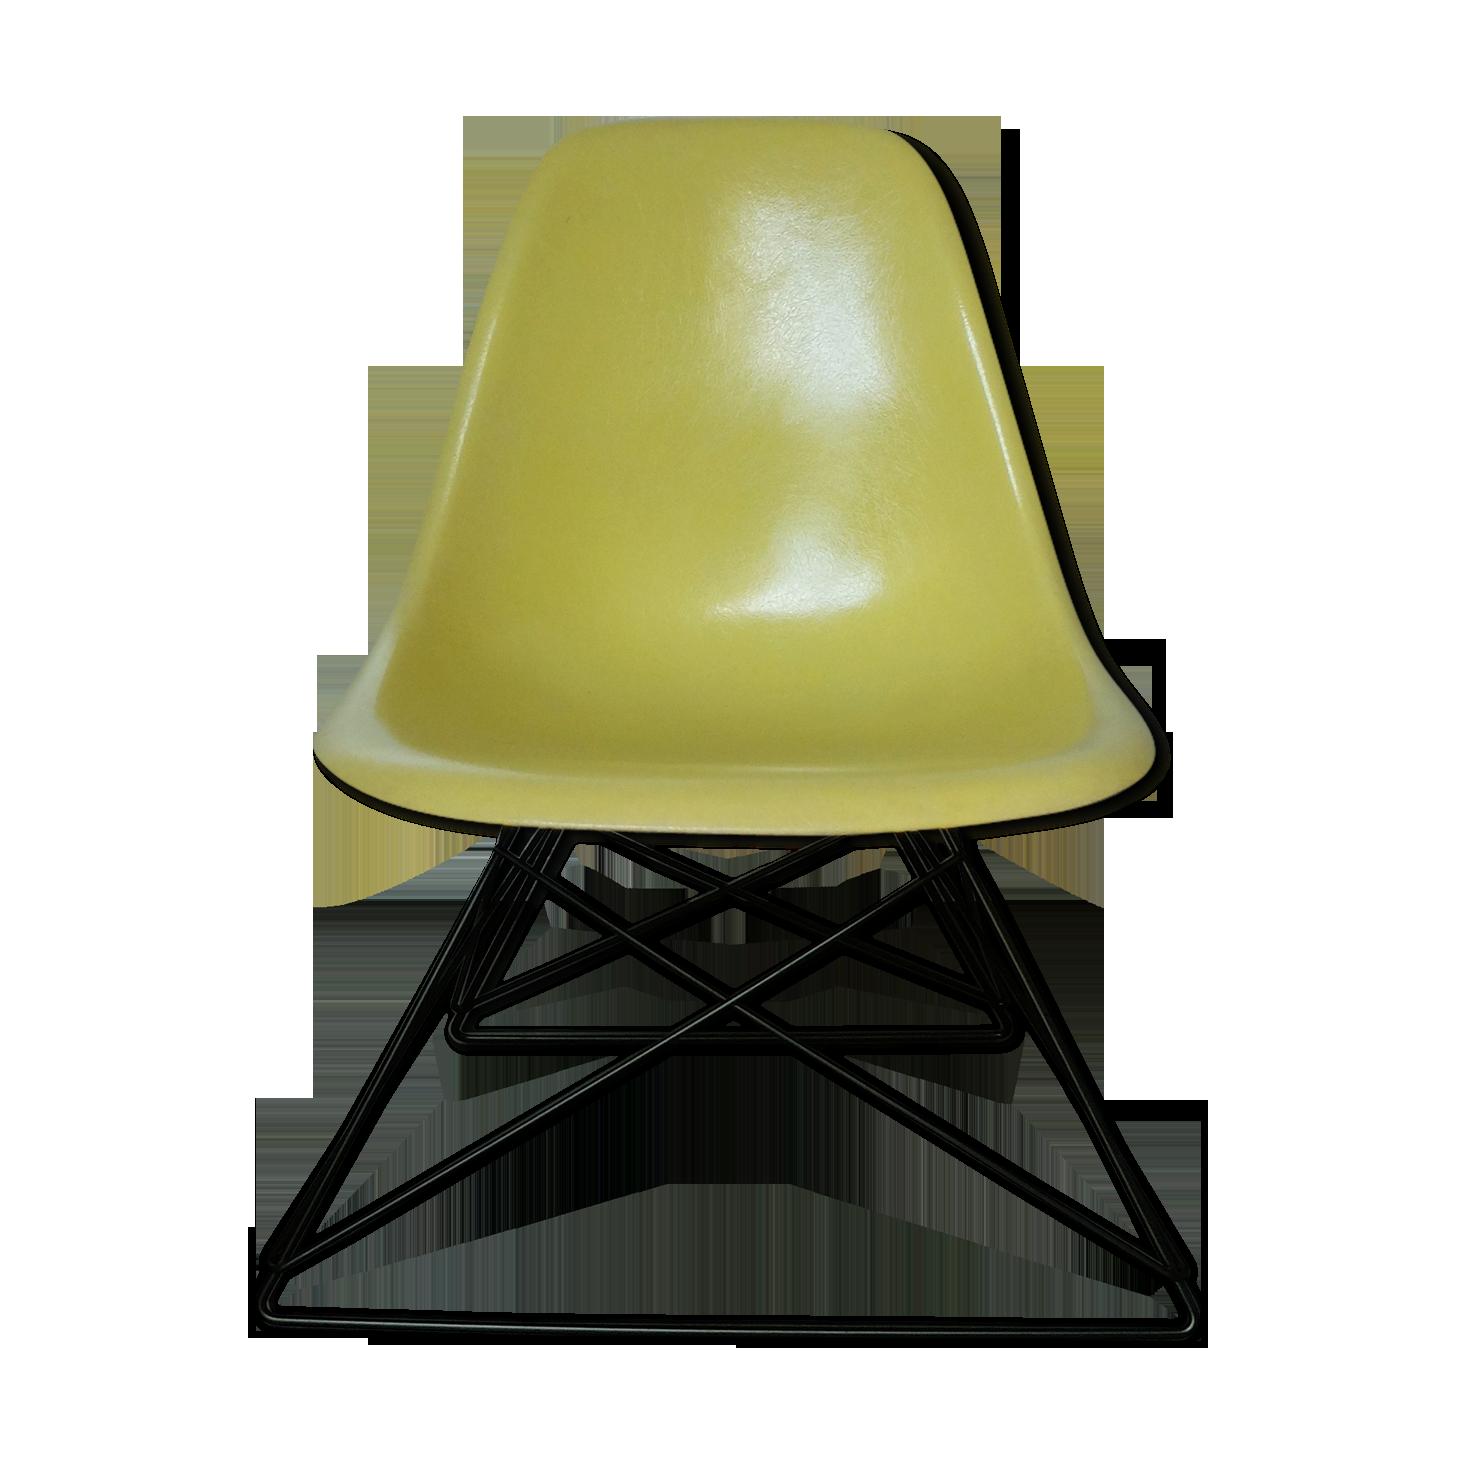 1 shock mount chaise EAMES fibre de verre Herman Miller Vitra shockmounts mounts